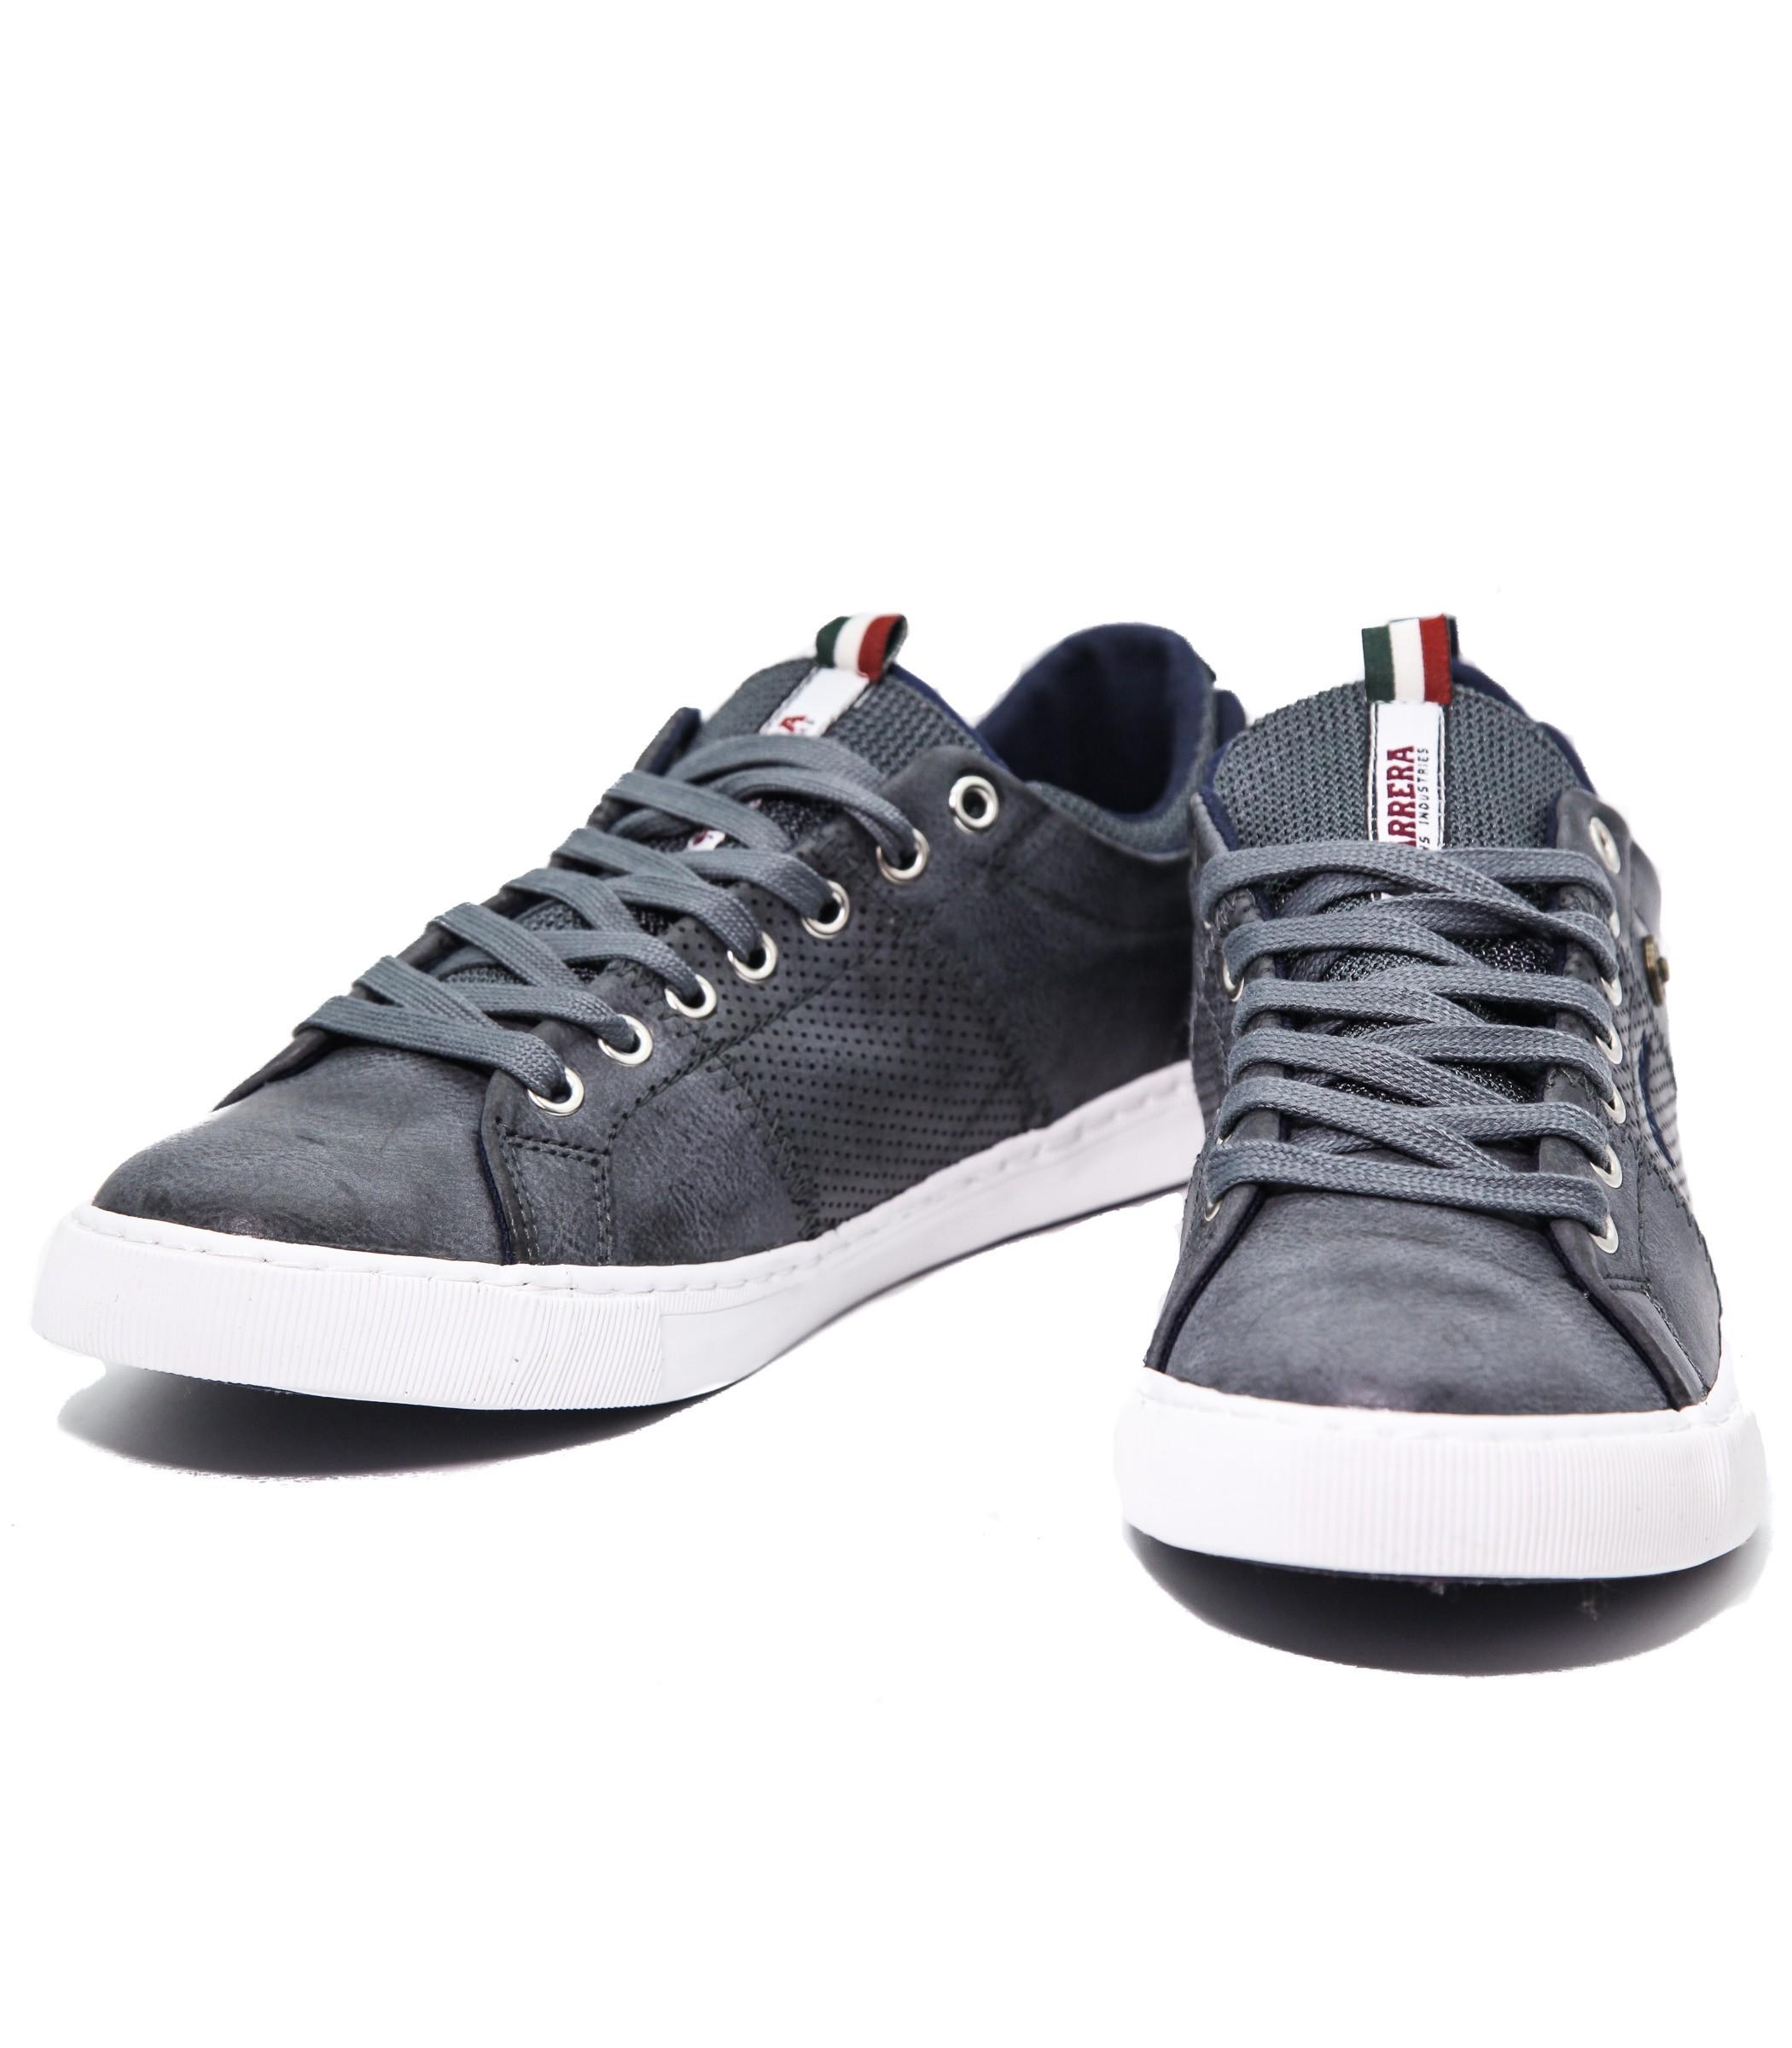 best service 1618b 615db Pelle Ginnastica Scarpe Sneakers Basse Grigia Uomo In Da Carrera OqZnpv0